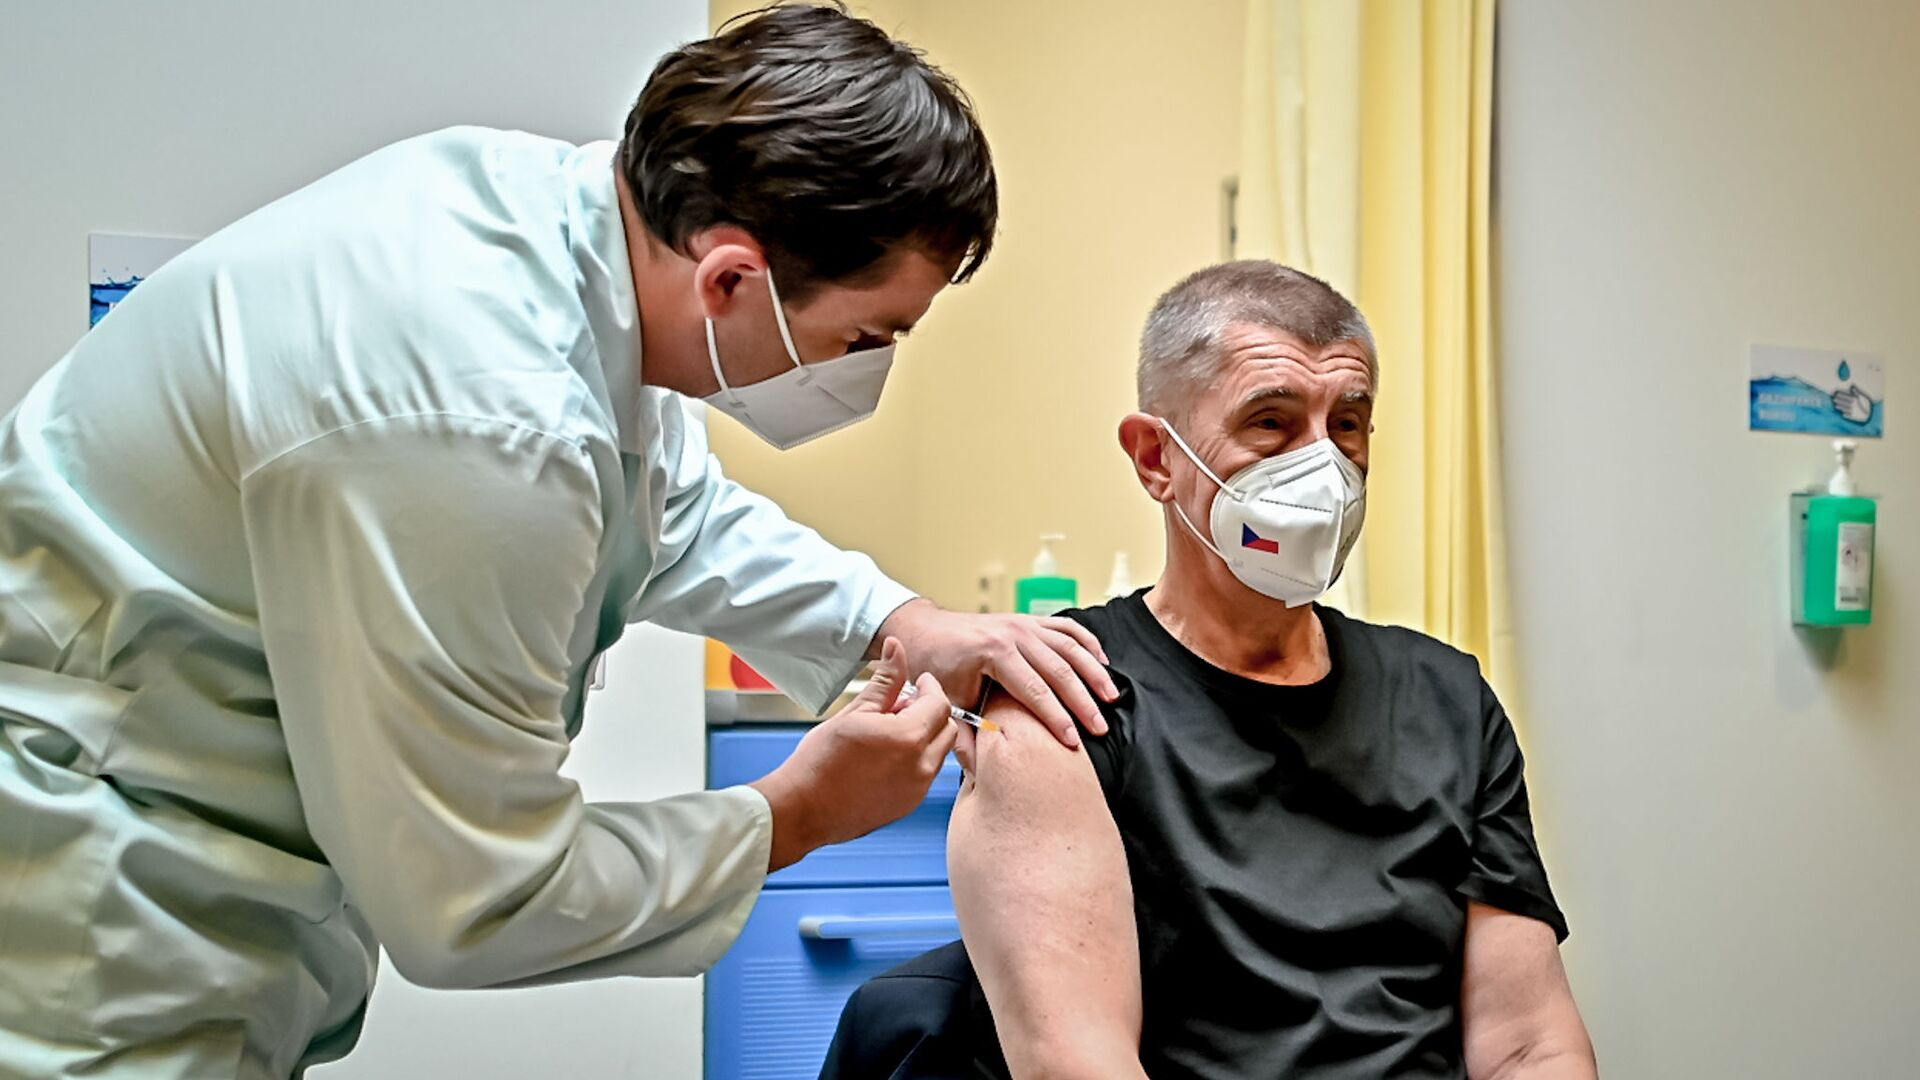 Premiér ČR Andrej Babiš dostává třetí dávku vakcínu proti koronaviru v ÚVN (14. 10. 2021) - Sputnik Česká republika, 1920, 14.10.2021